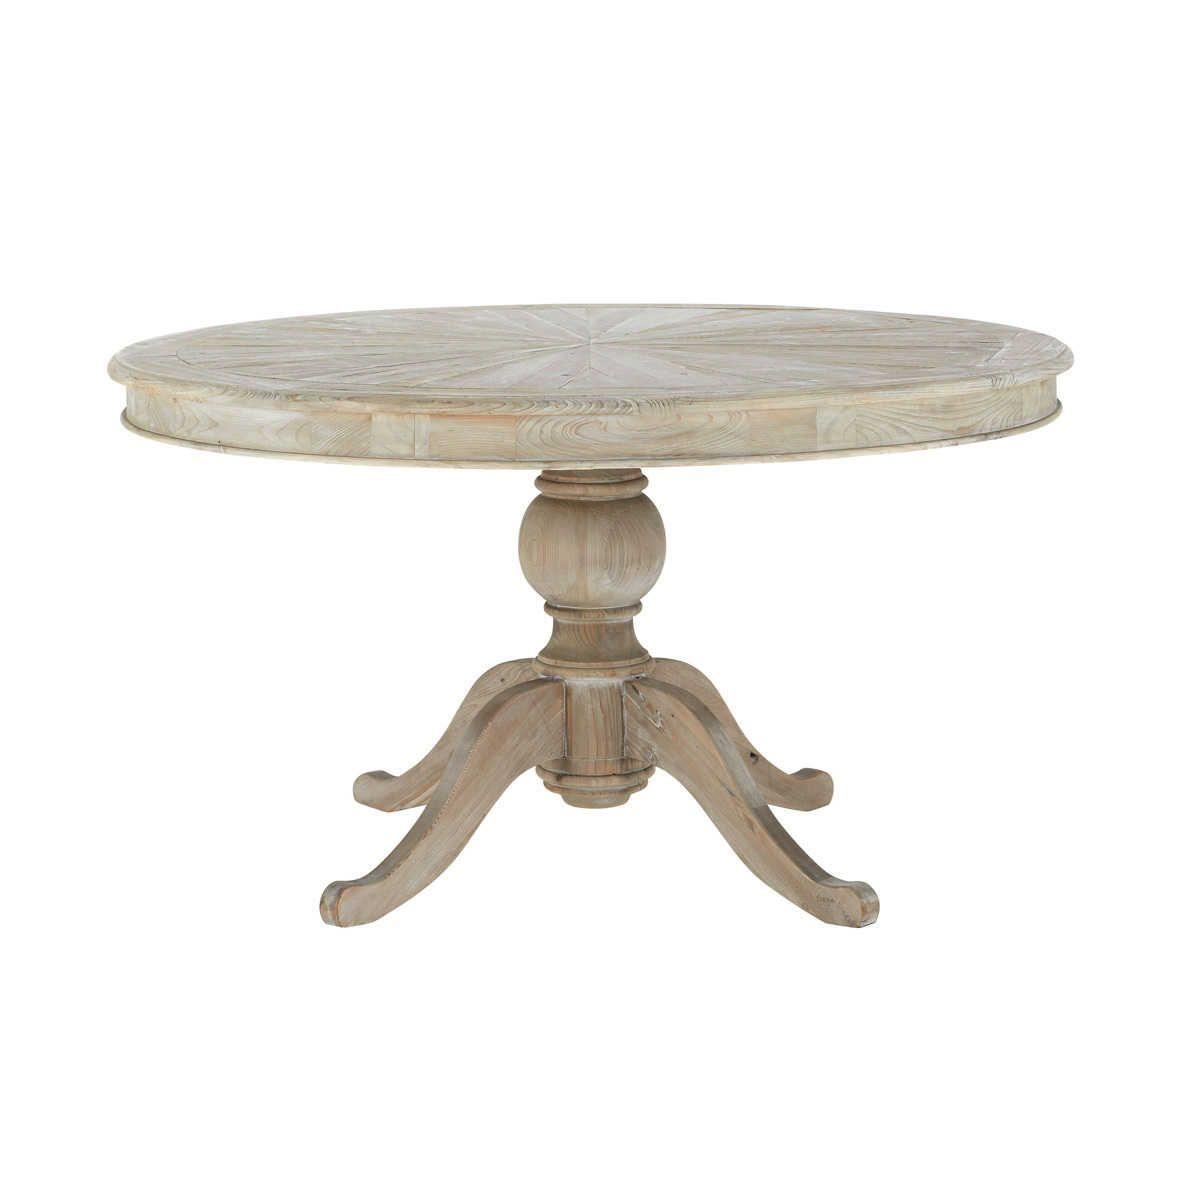 Runder Esstisch aus Holz, D 140 cm | Tisch und Möbel